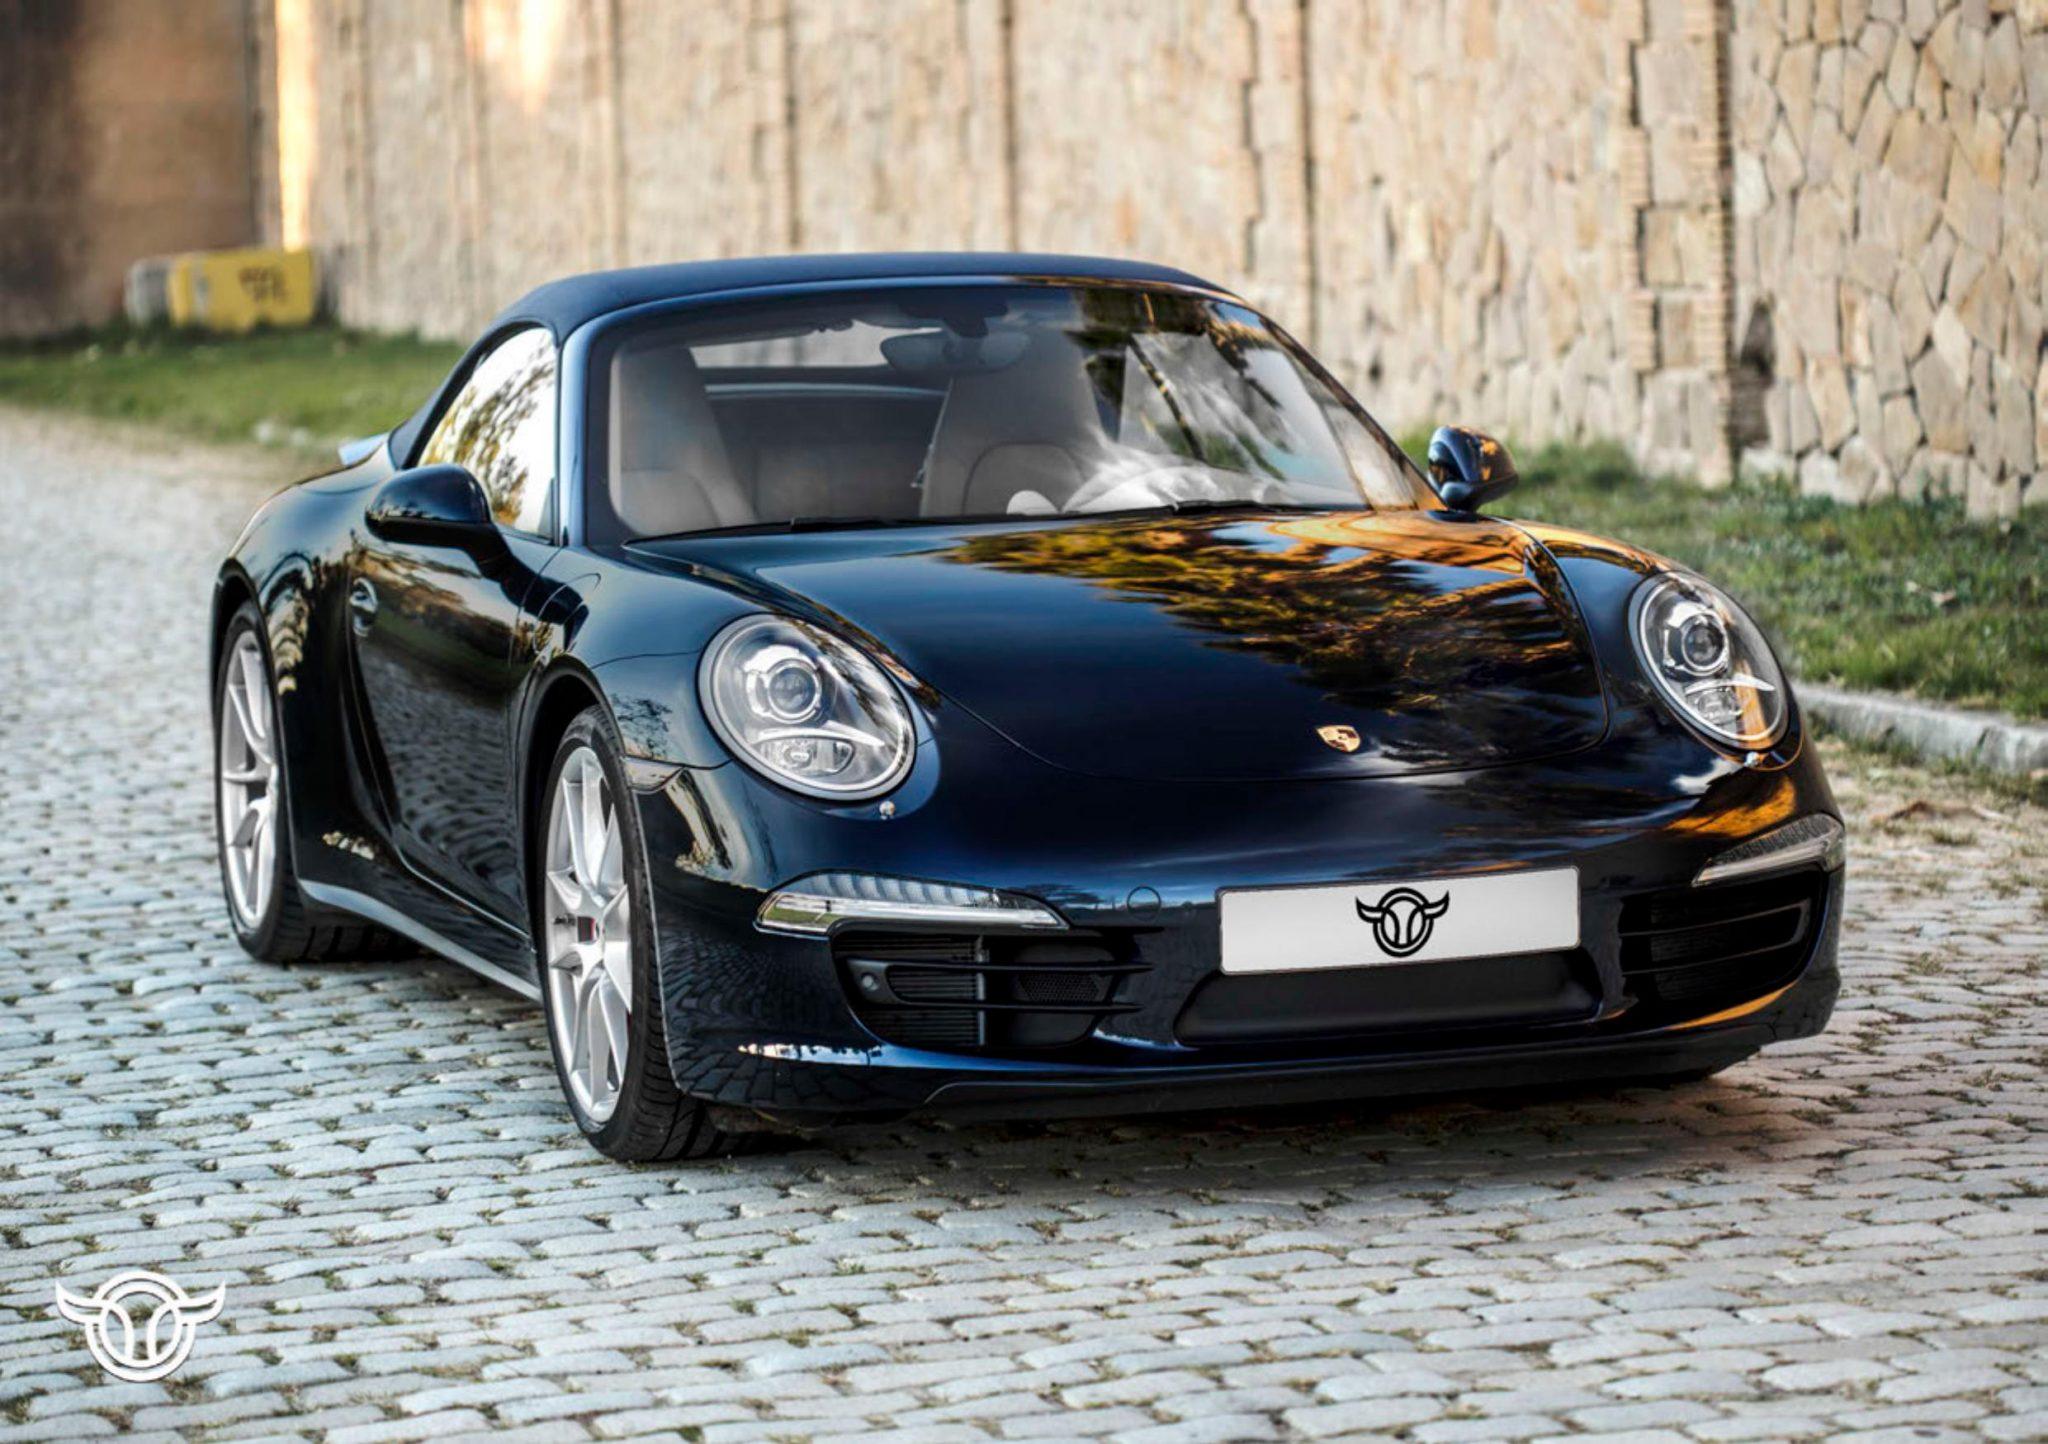 Porsche 911 carrera cabrio alquilar coches de lujo madrid marbella ibiza barcelona valencia